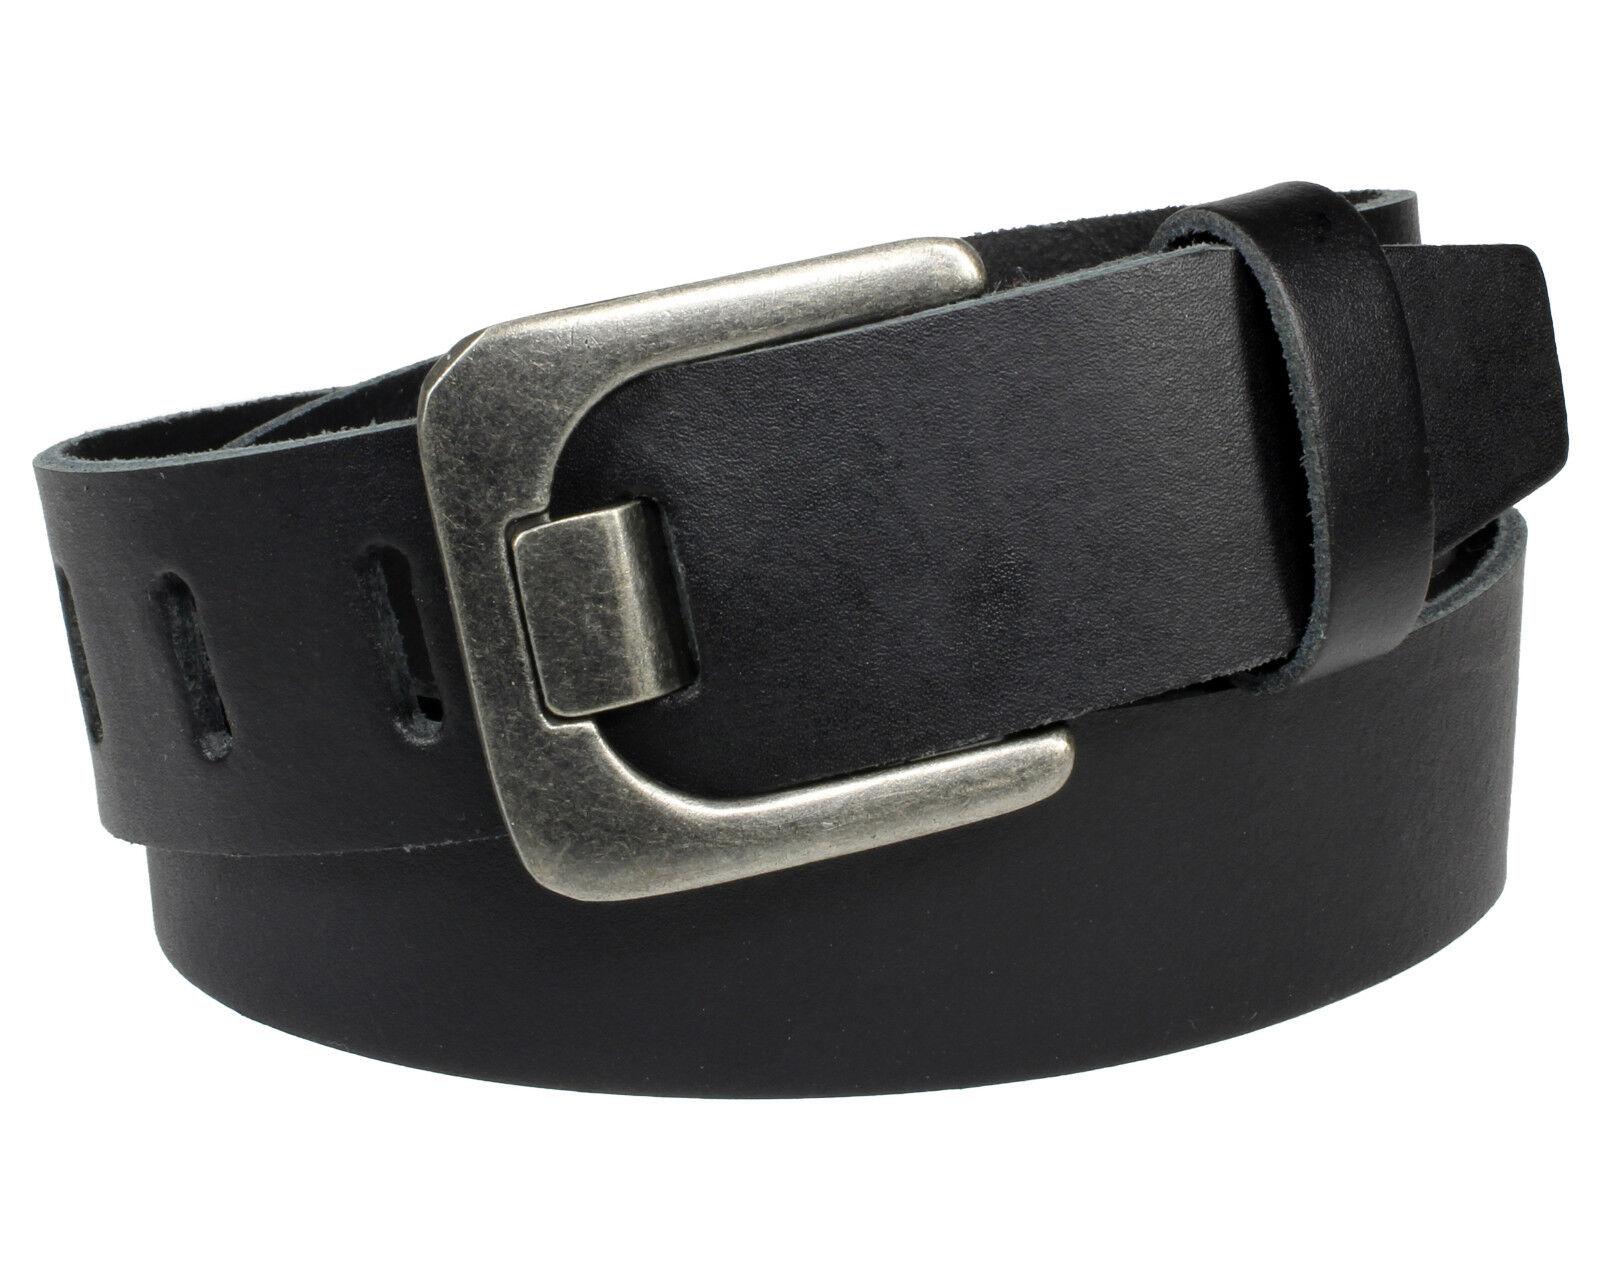 Gürtel 100 % Echt Leder schwarz Jeansgürtel 4cm Herren Damen Vascavi Ledergürtel